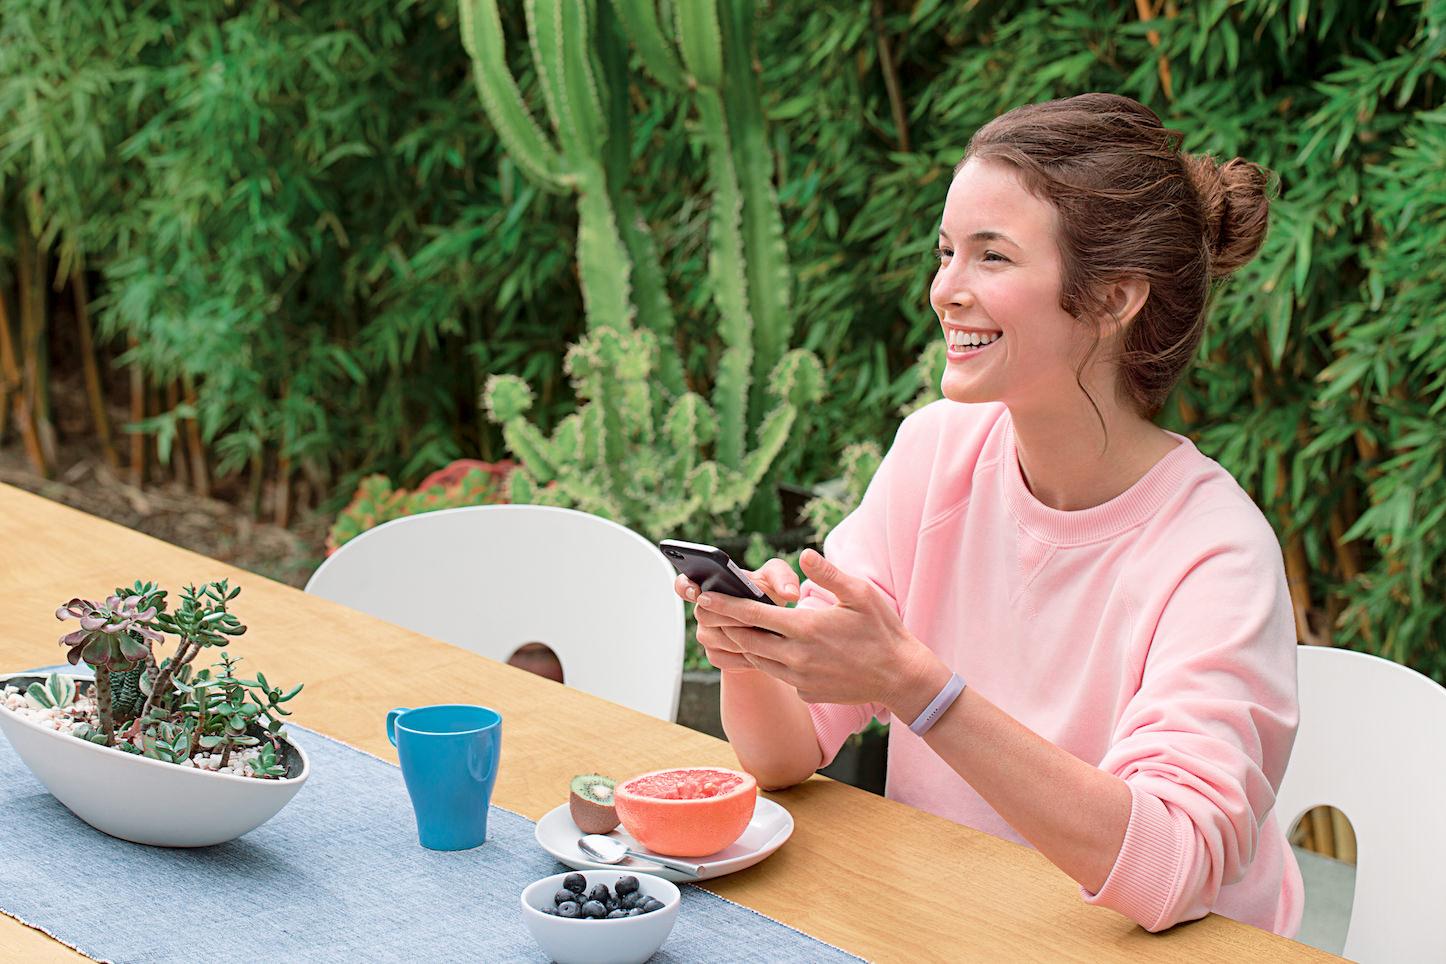 Fitbit Flex 2 Woman Breakfast Lifestyle